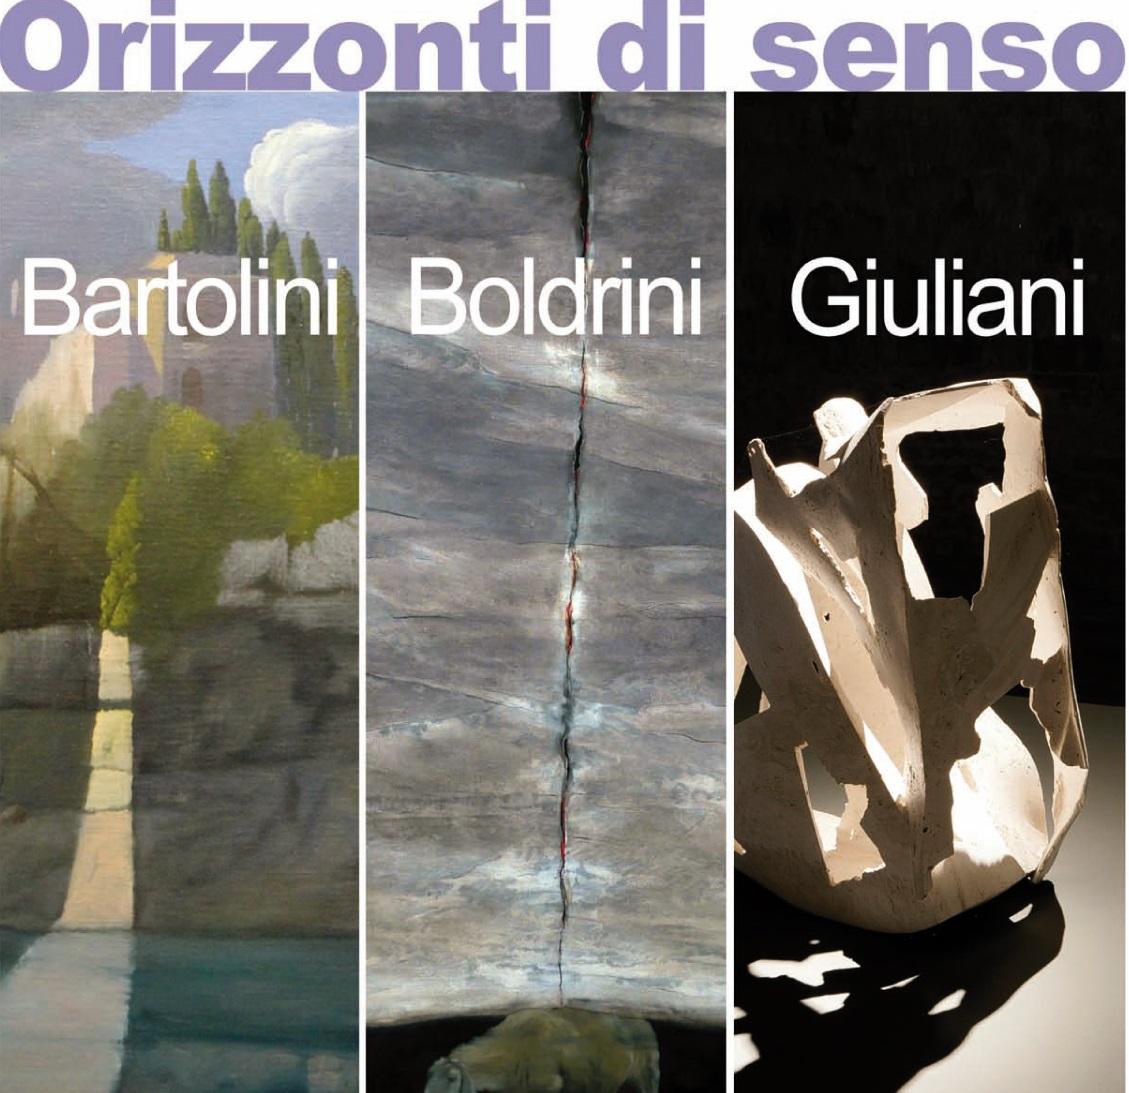 """In Palazzina gli """"Orizzonti di senso"""" di Bartolini, Boldrini e Giuliani"""